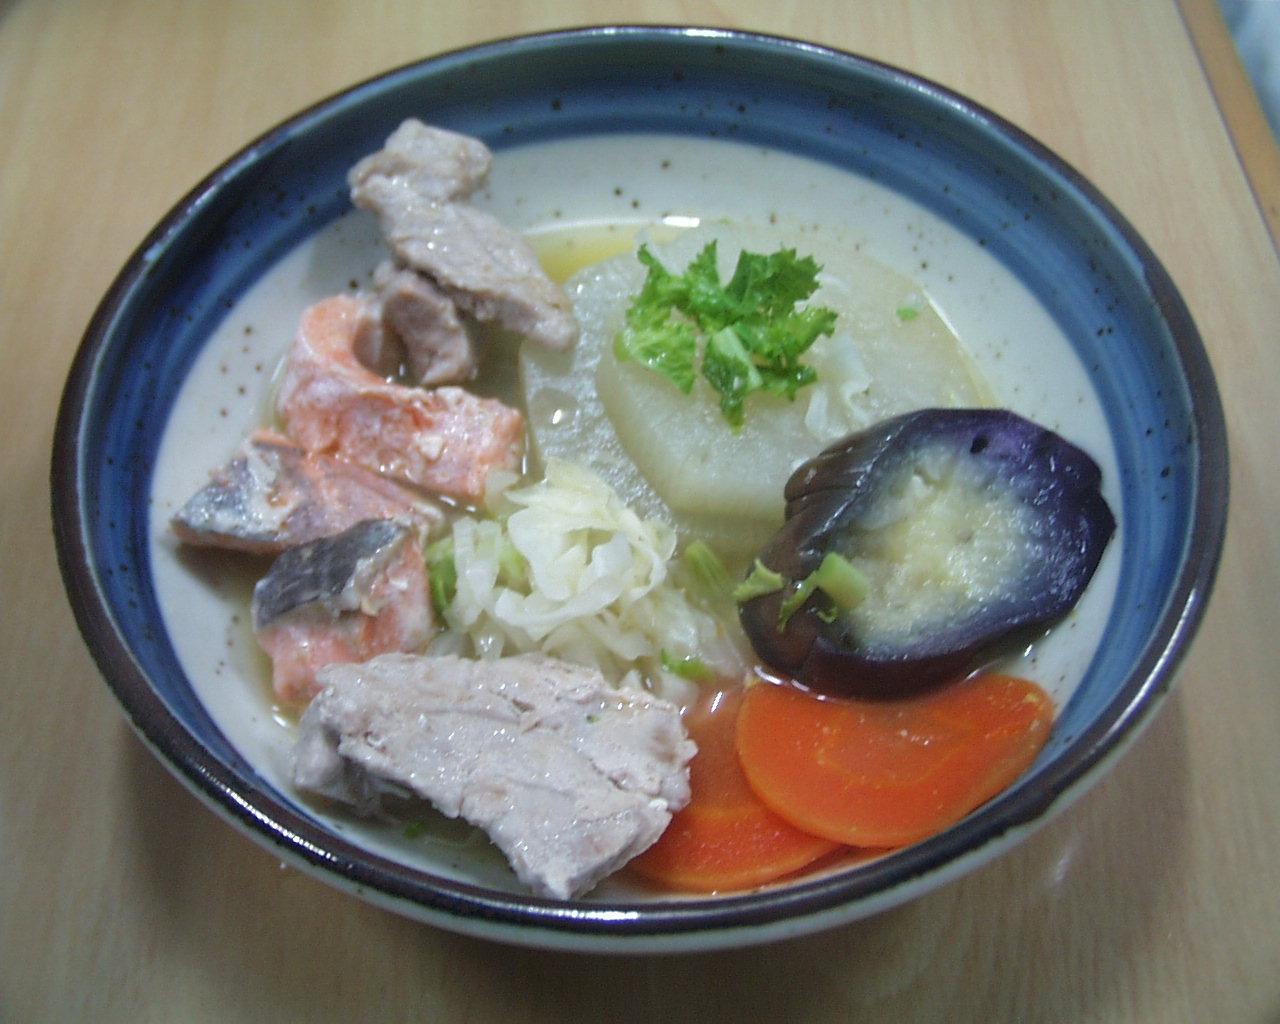 マグロ、鮭、なすのオリーブオイル炒め、大根の味噌煮